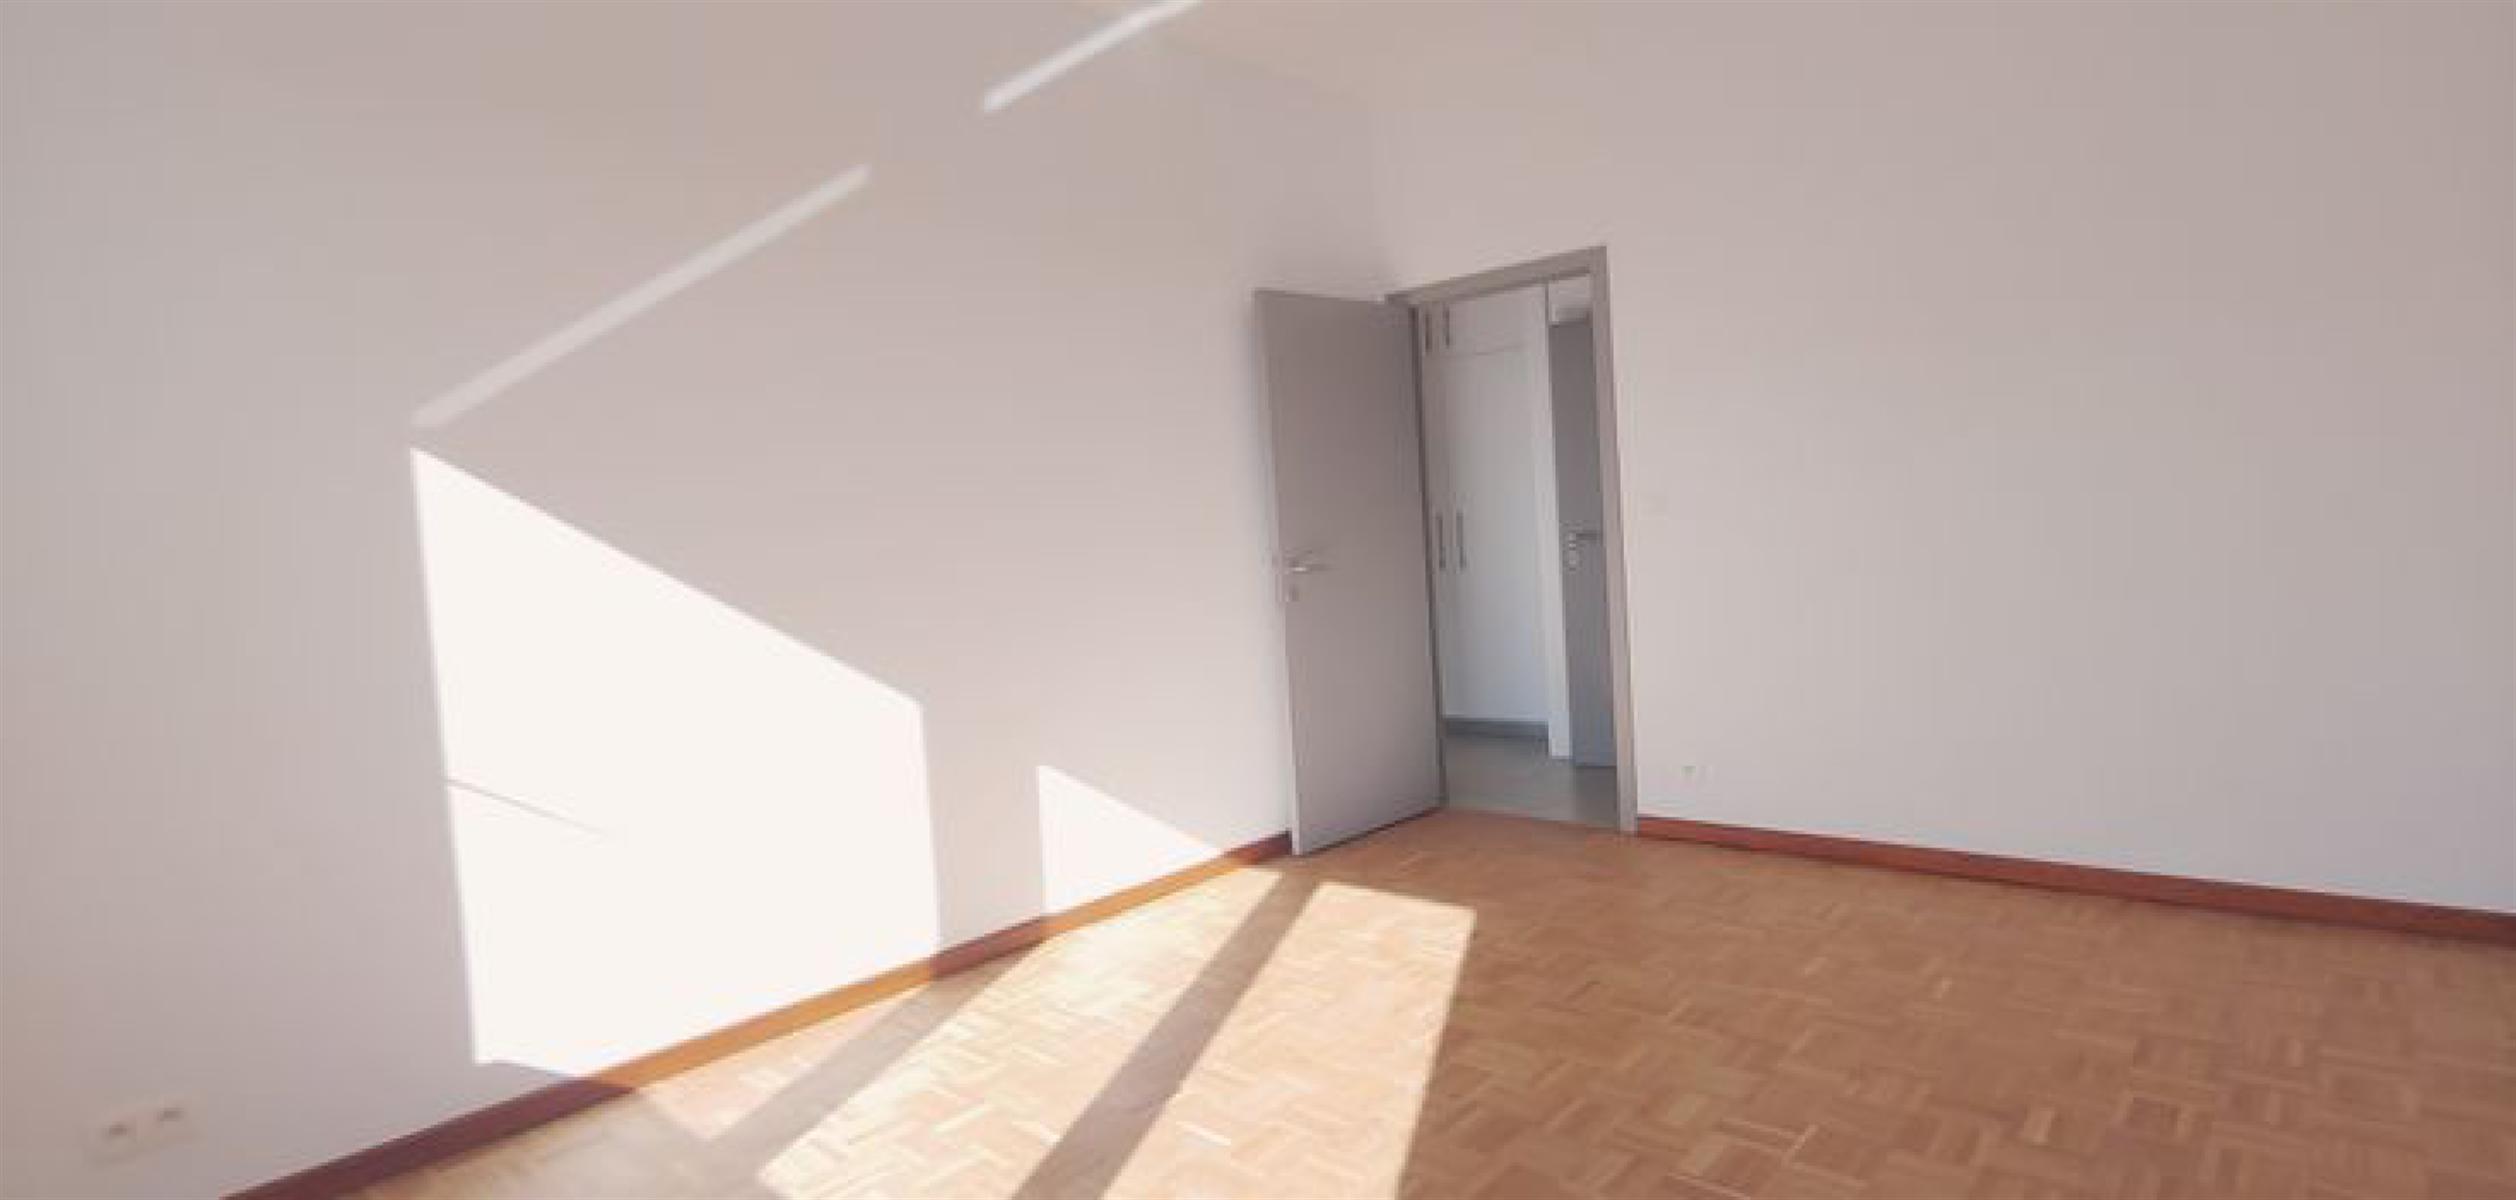 Appartement - Etterbeek - #4526474-10